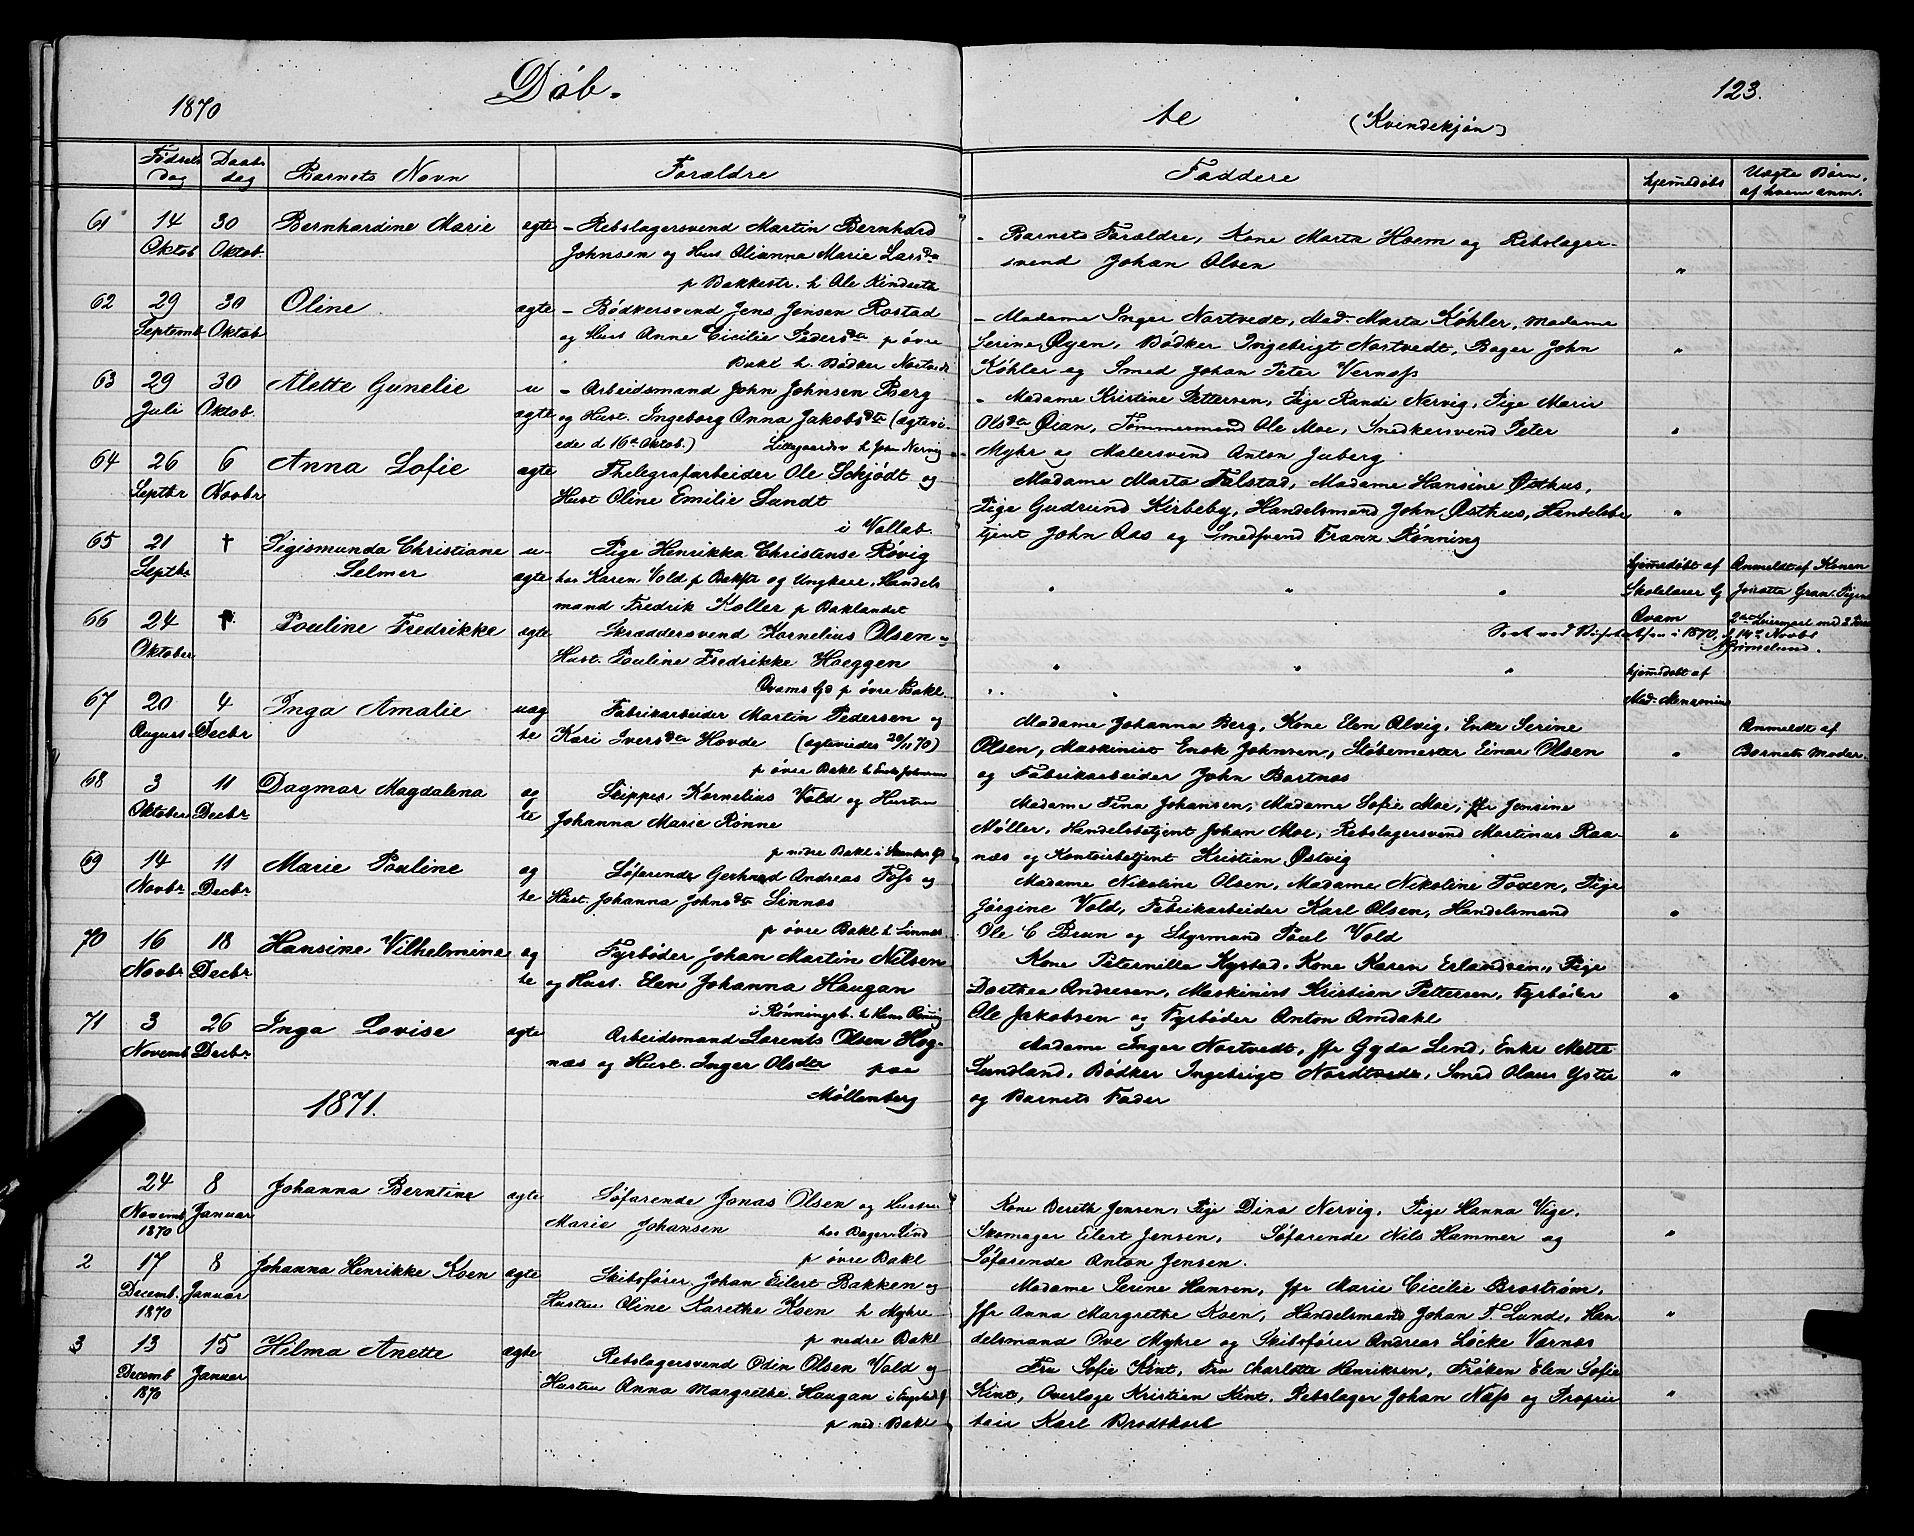 SAT, Ministerialprotokoller, klokkerbøker og fødselsregistre - Sør-Trøndelag, 604/L0220: Klokkerbok nr. 604C03, 1870-1885, s. 123